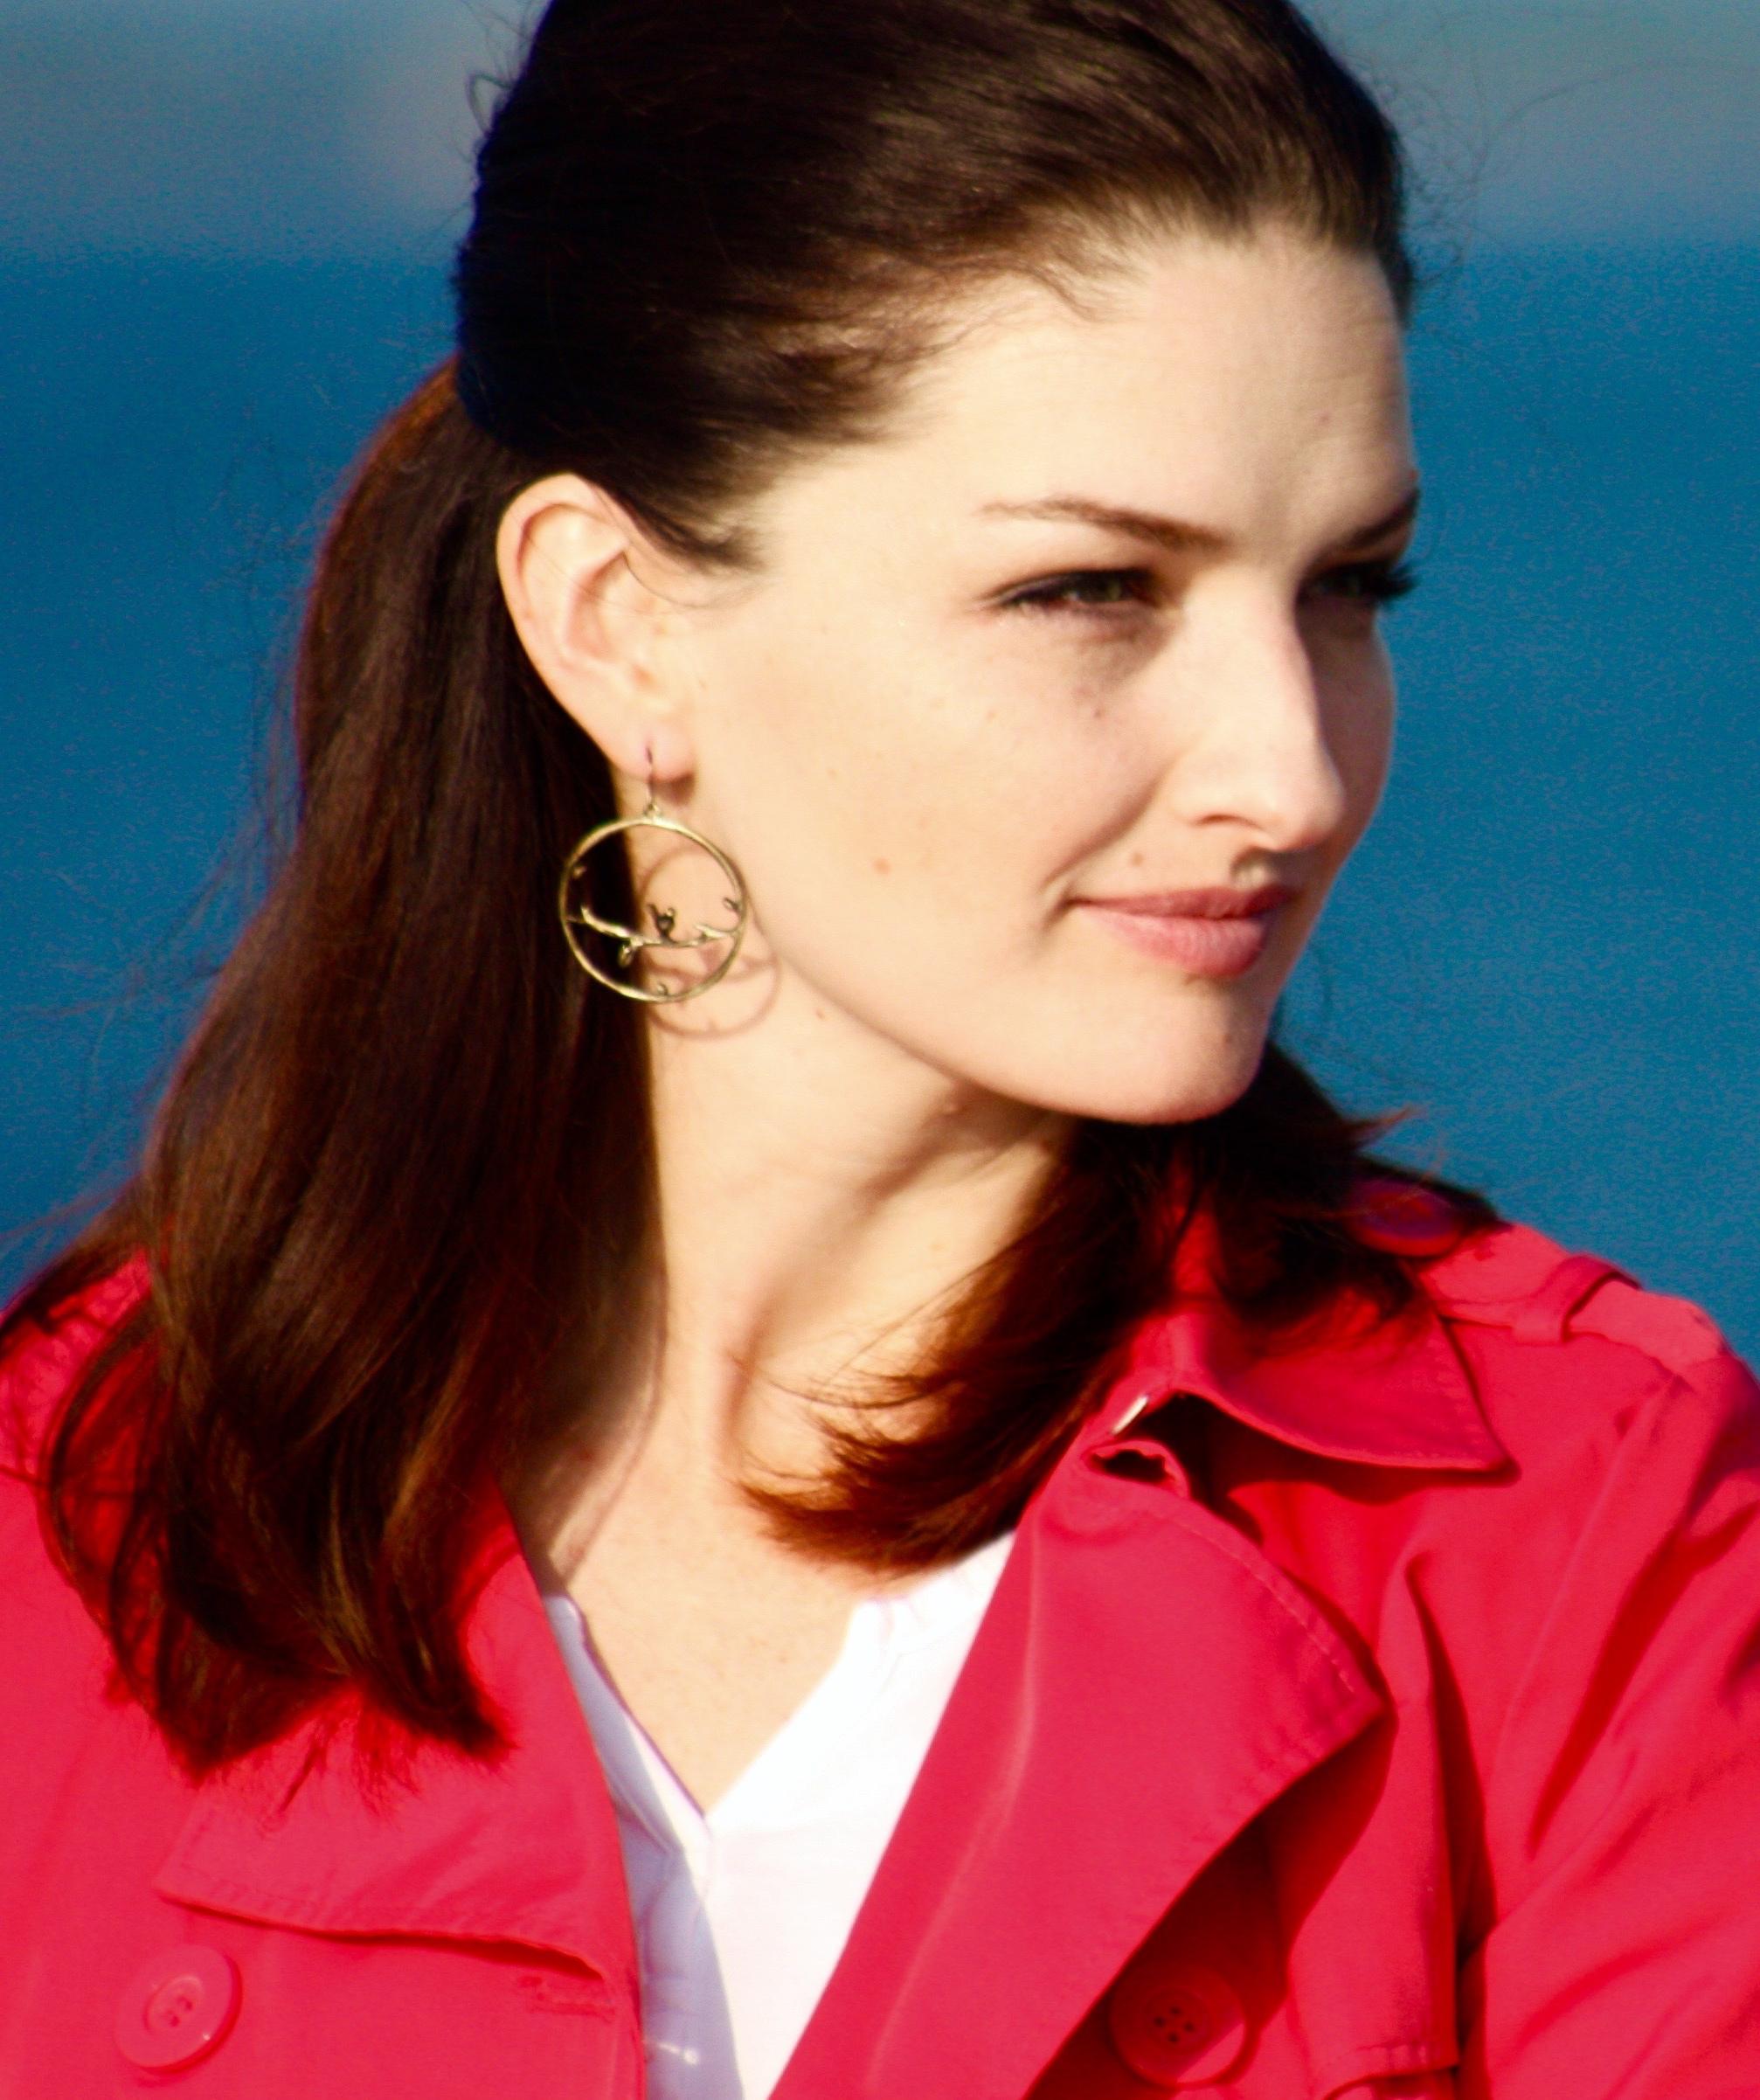 Shalon Headshot - Portrait 2.jpg